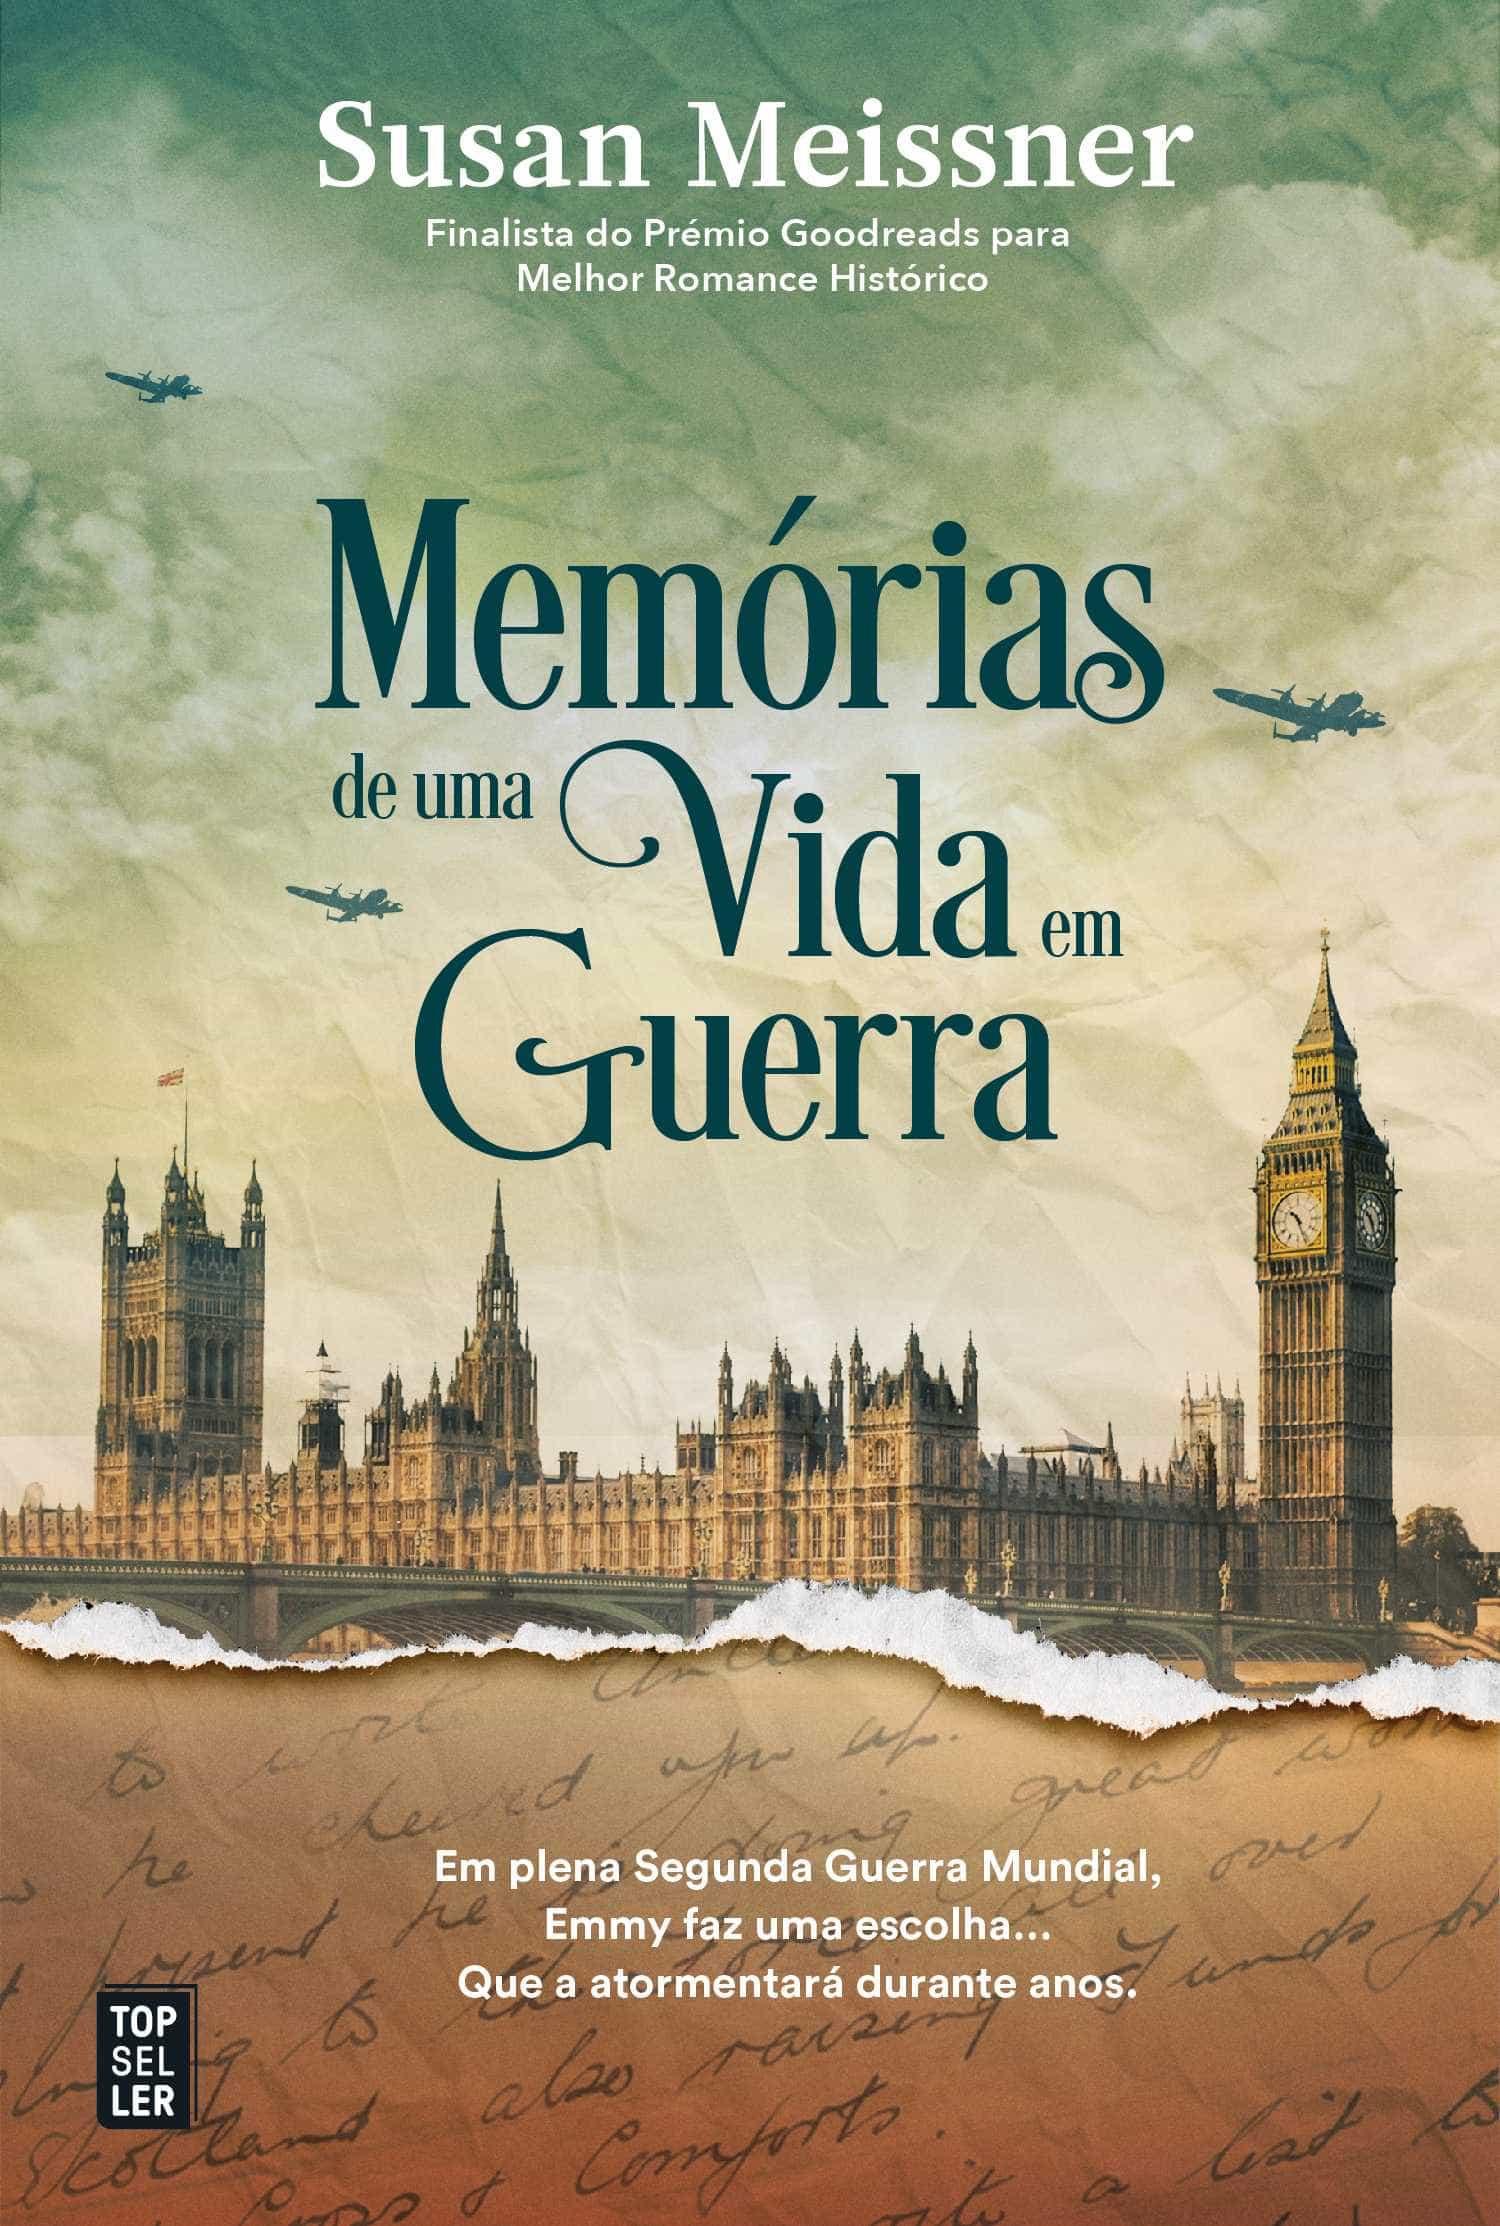 'Memórias de uma Vida em Guerra'. Os segredos de quem viveu a II Guerra